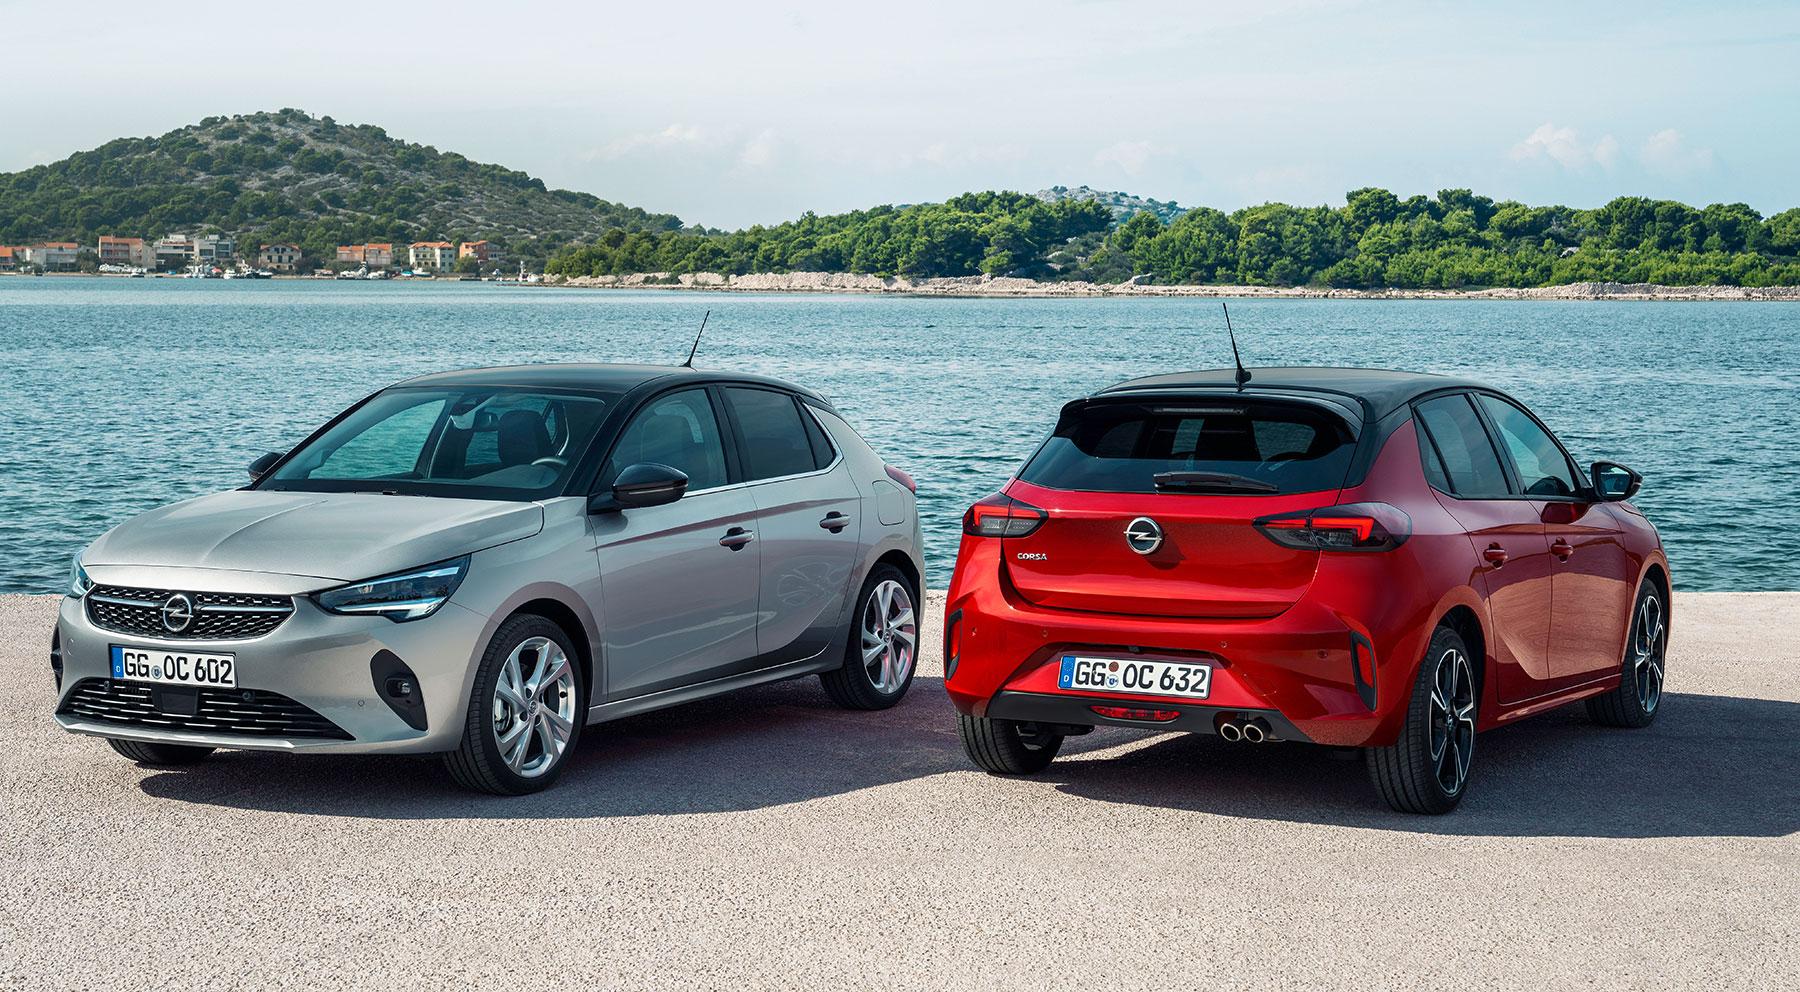 Las imágenes del nuevo Opel Corsa